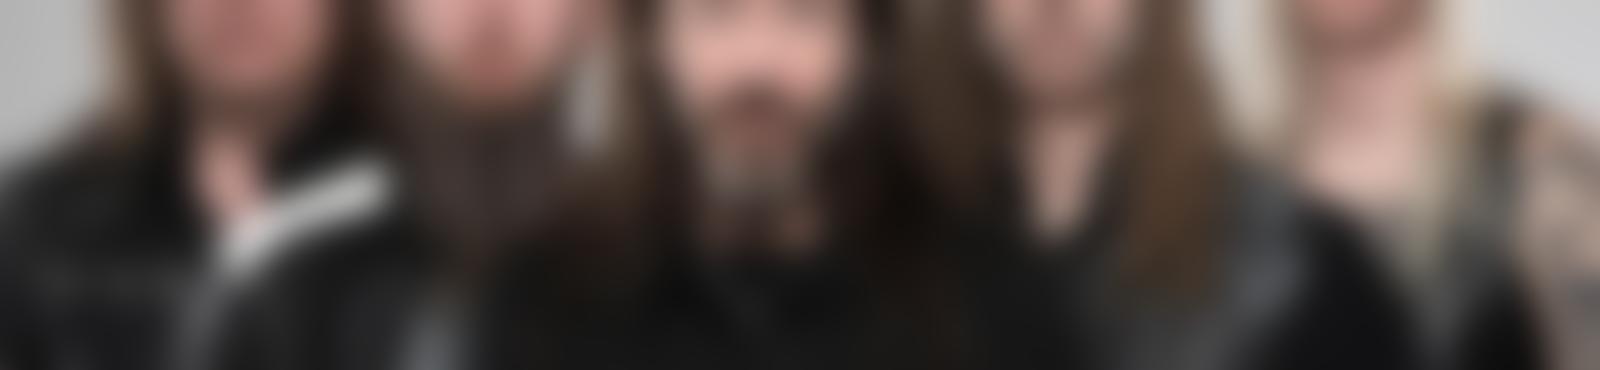 Blurred 656efd0f c6ad 4b5e 8eb0 8160f5474726